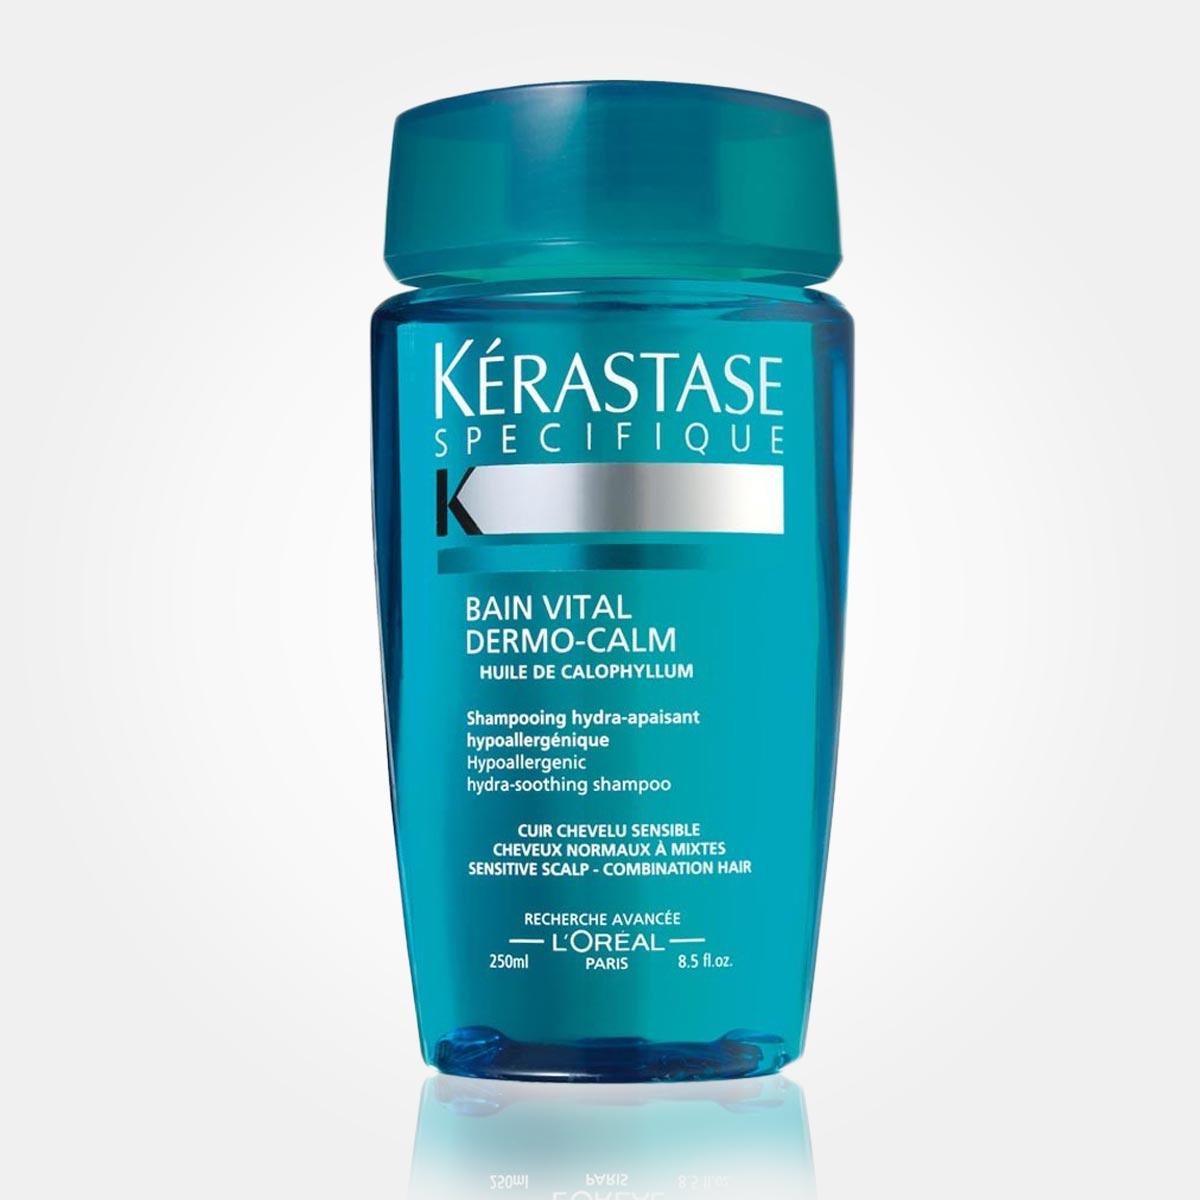 Šampón Bain Vital Dermo-Calm (250 ml), doporučená maloobchodní cena: 490 Kč / 17,50 EUR